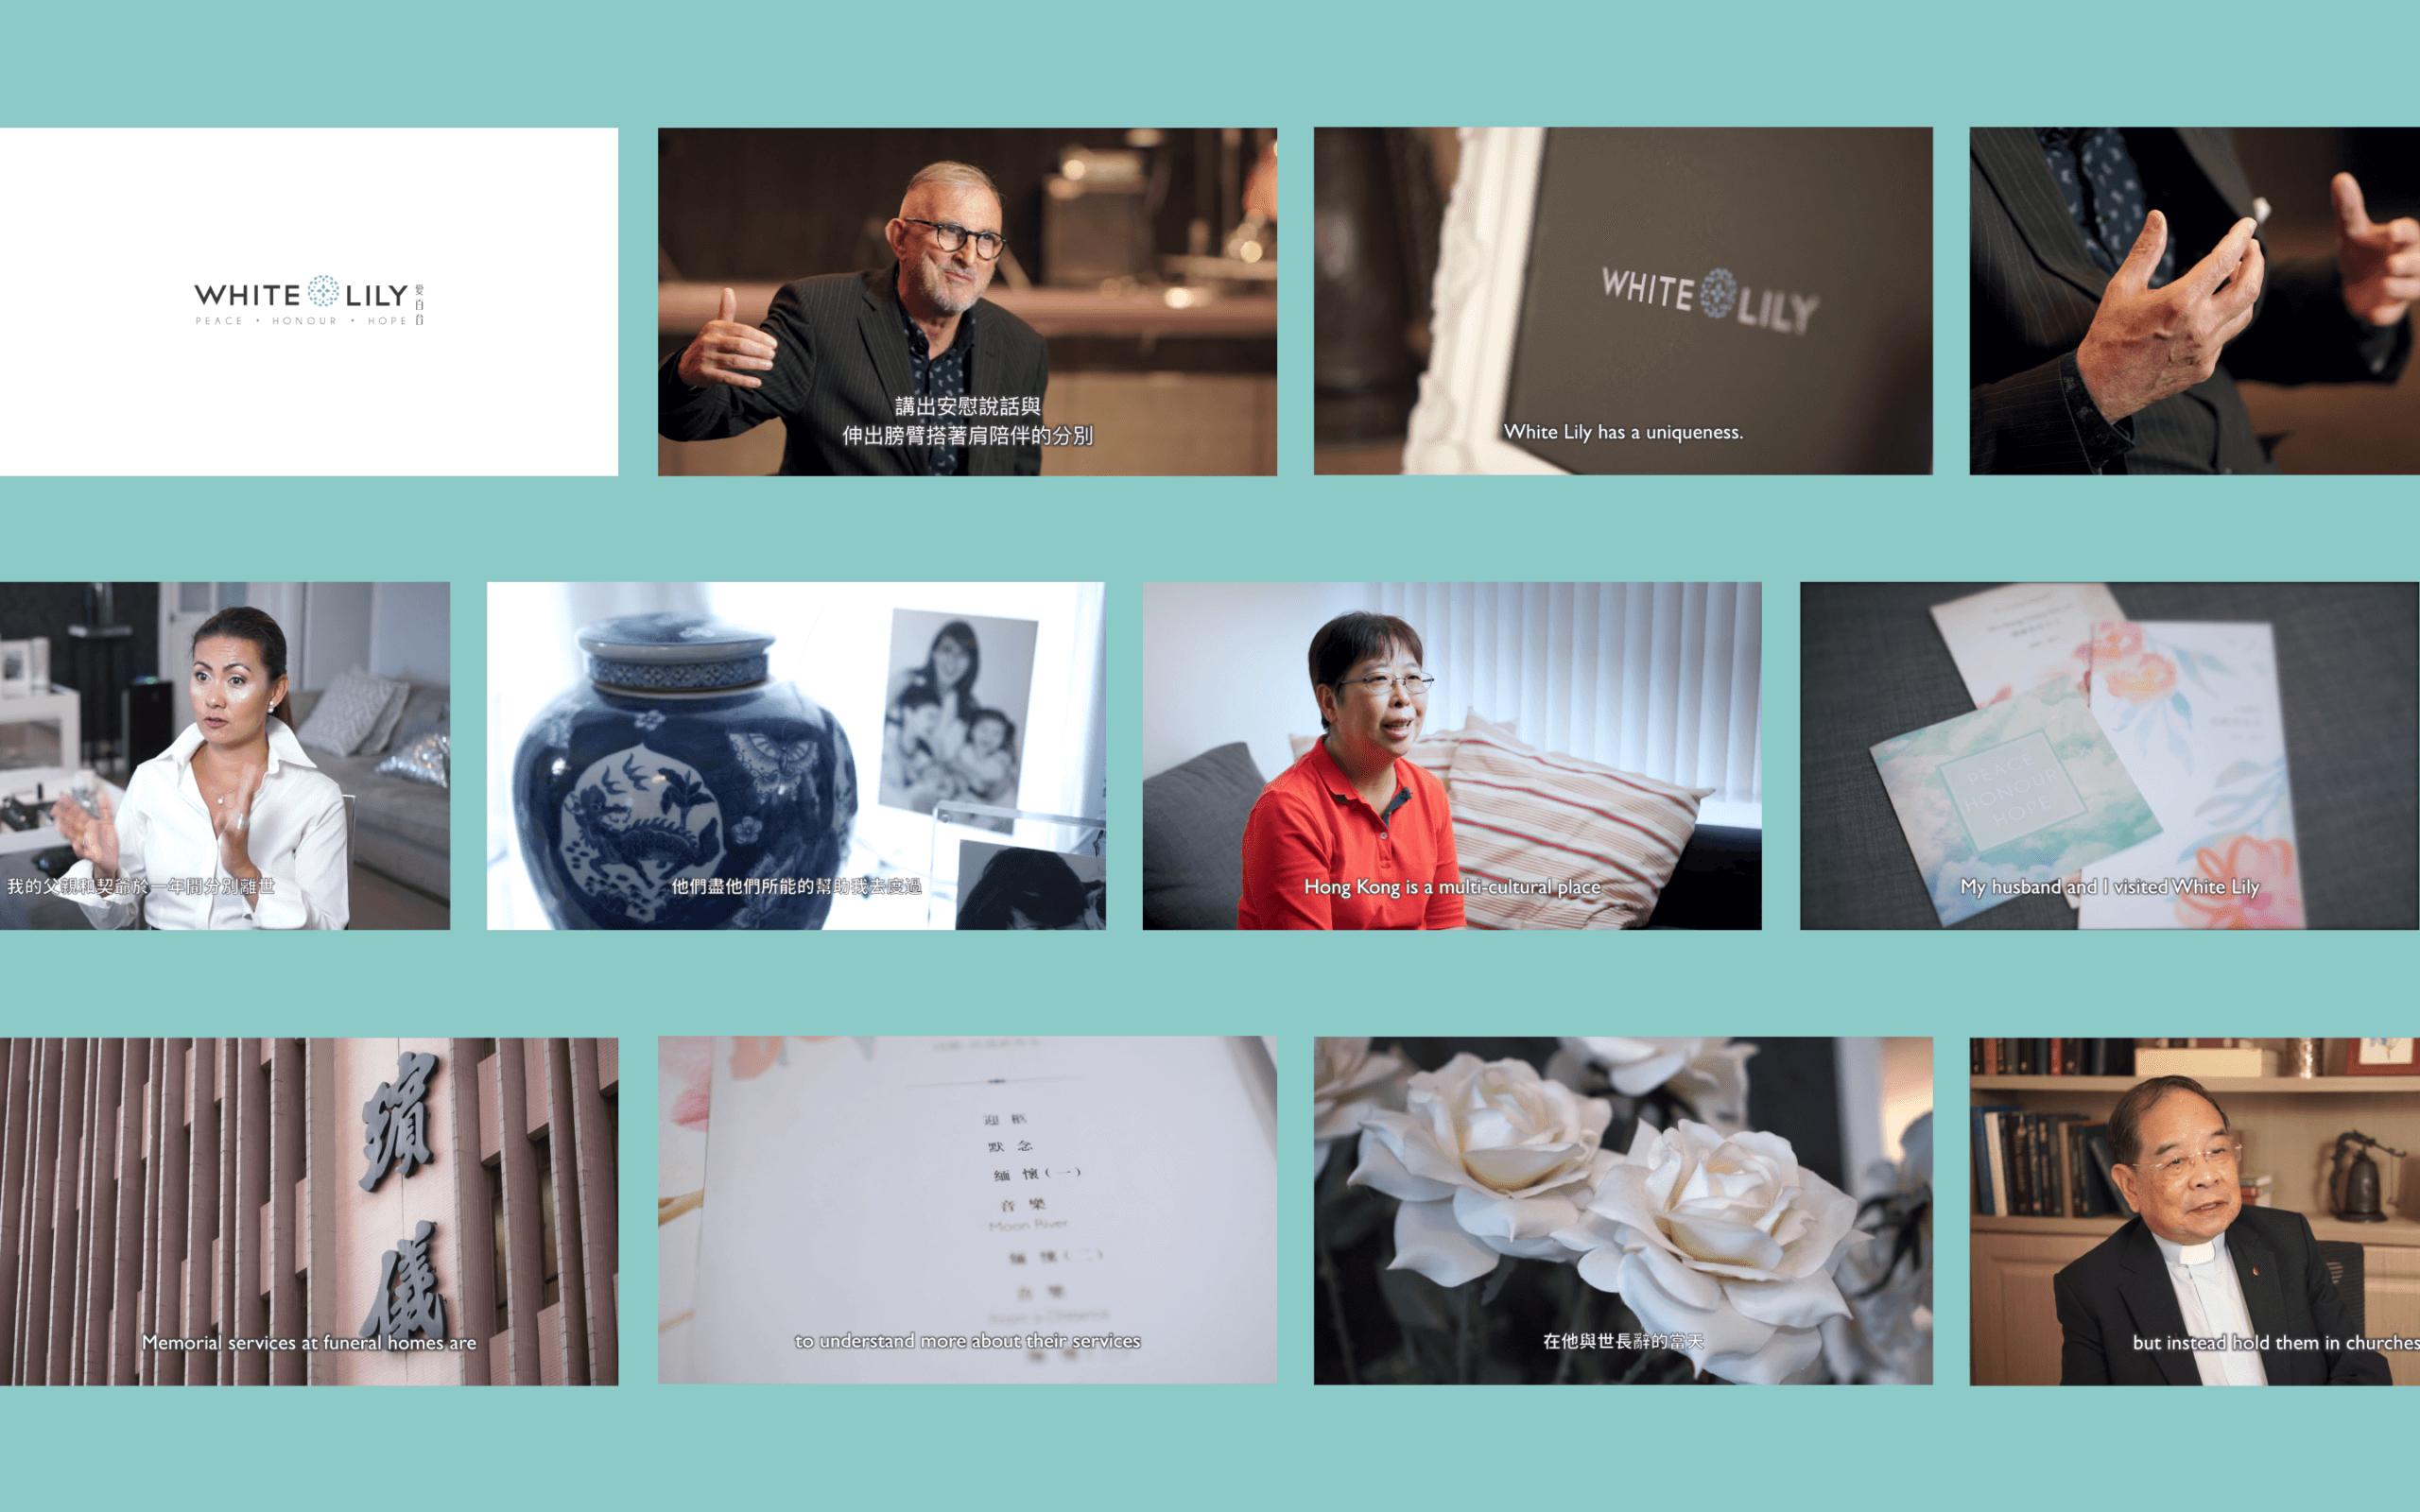 White Lily Testimonial Video